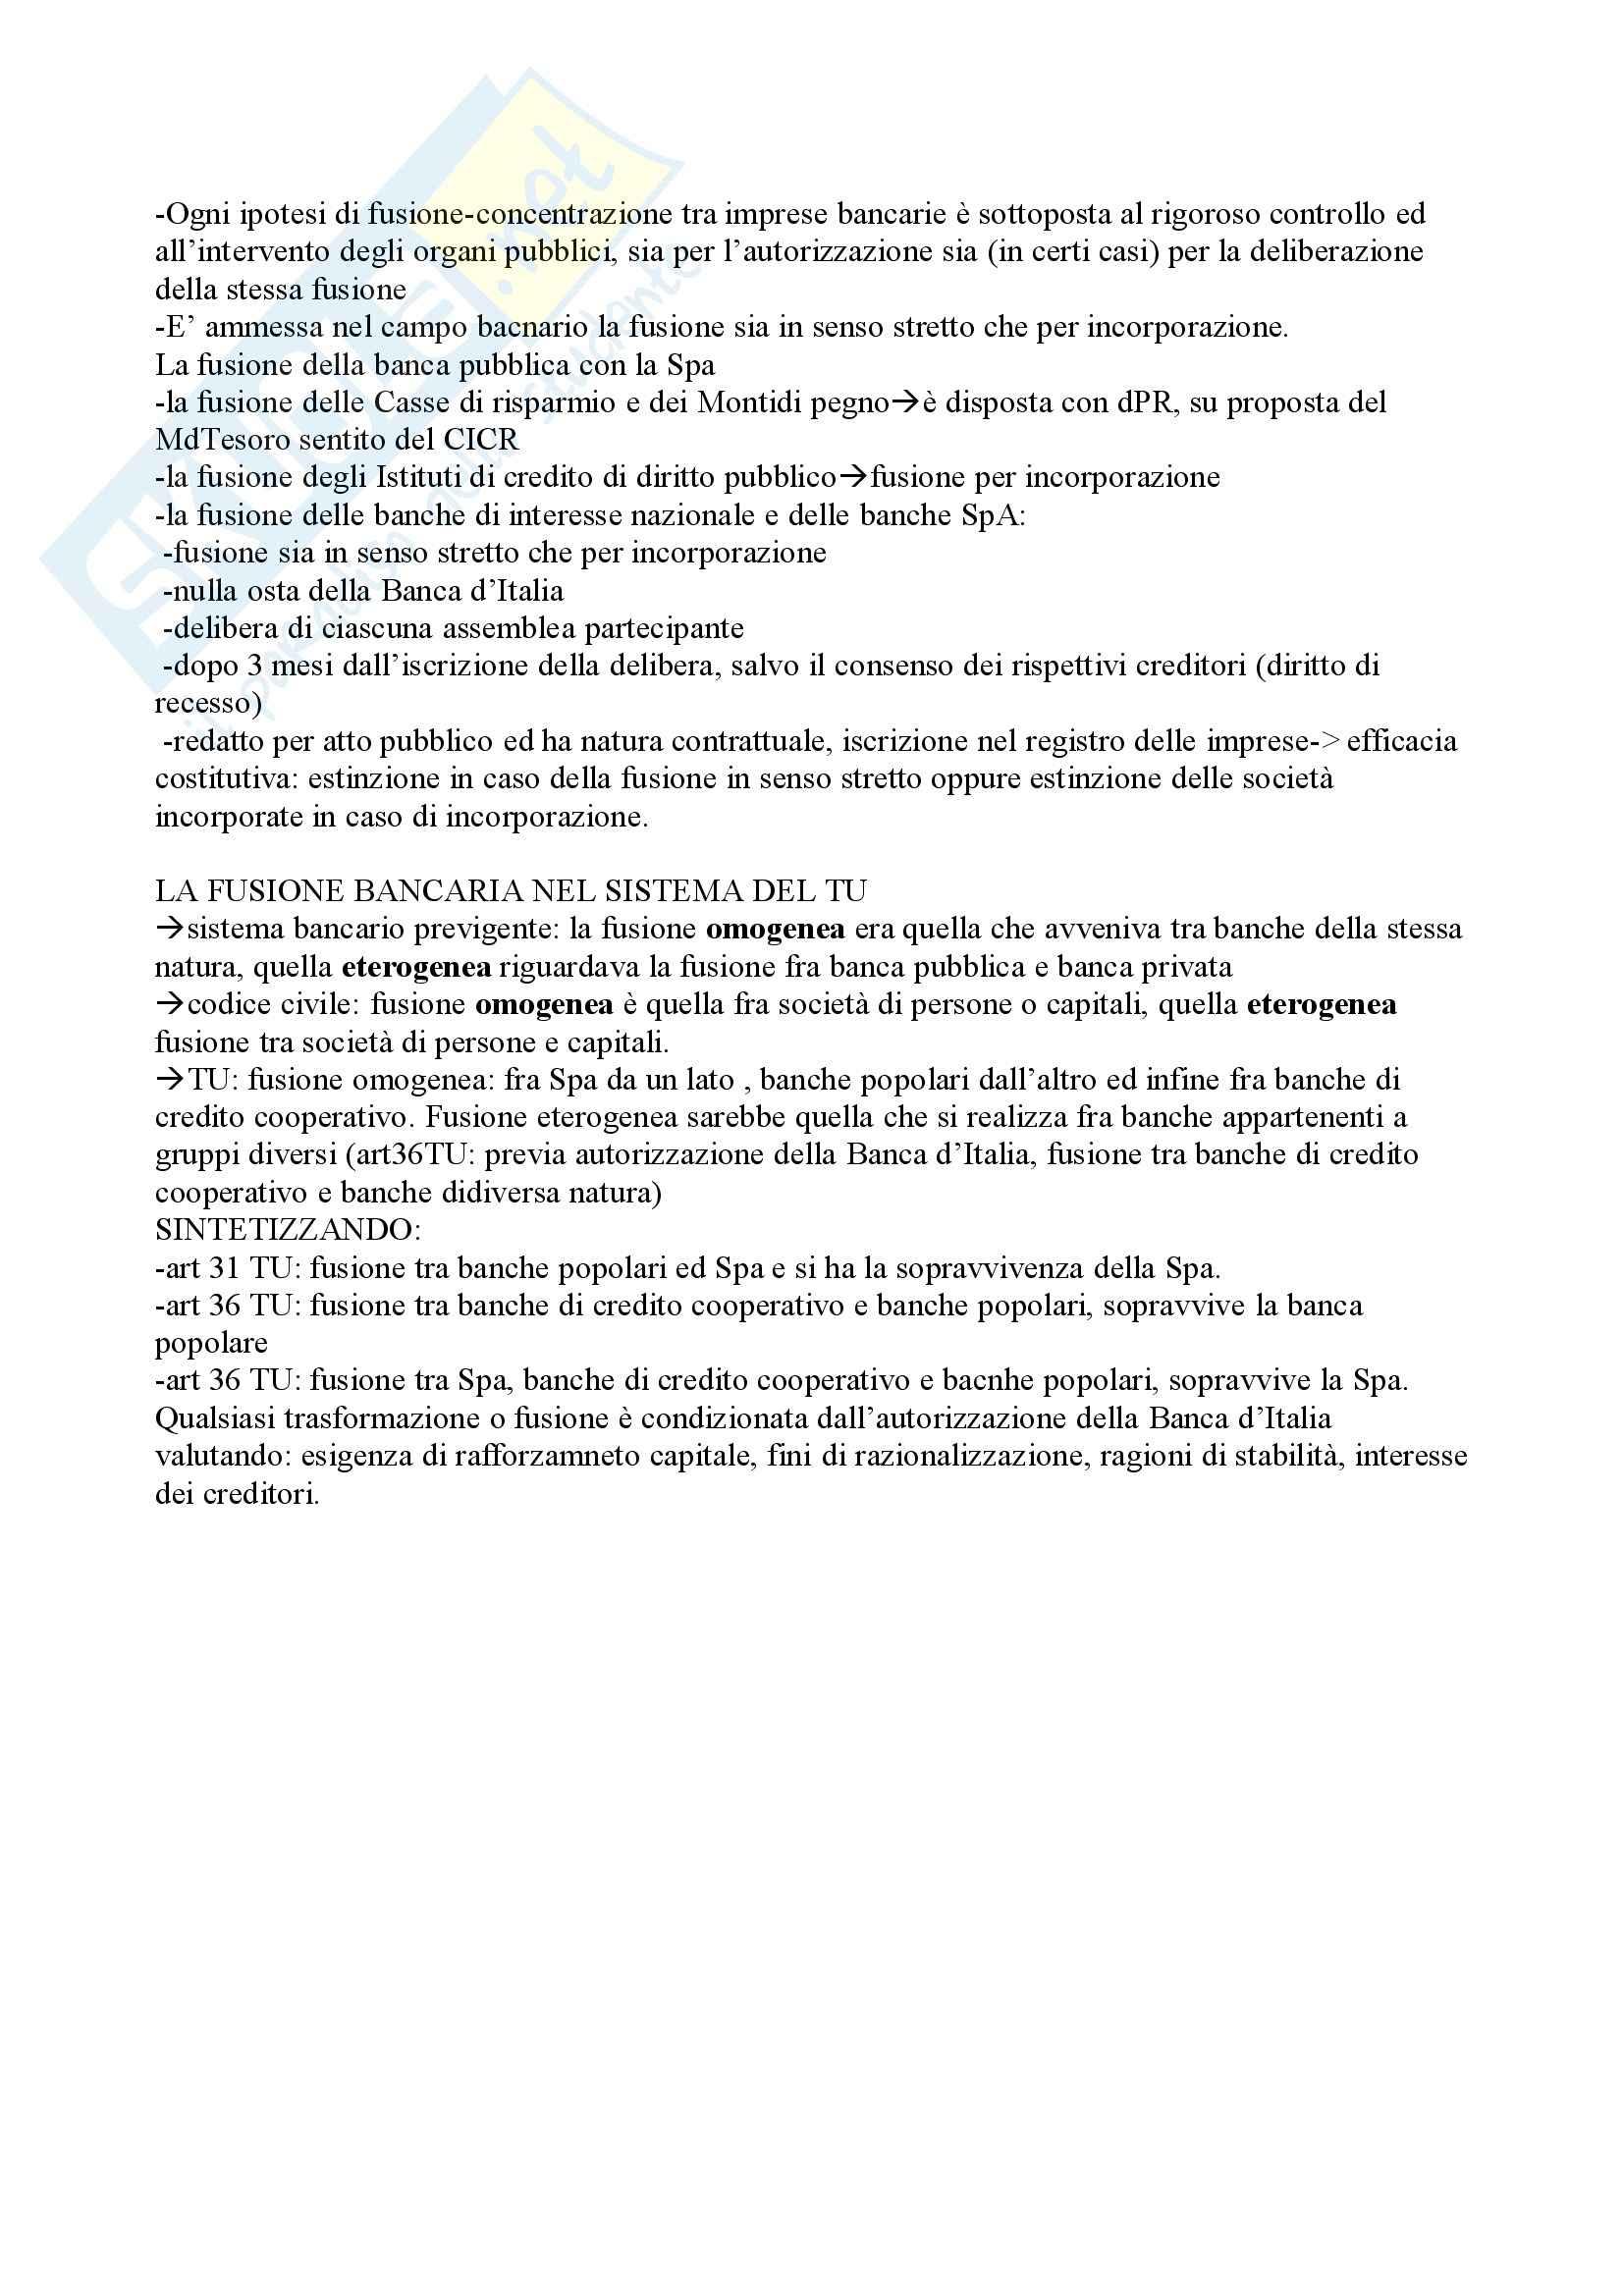 Diritto bancario - Riassunto esame Pag. 21